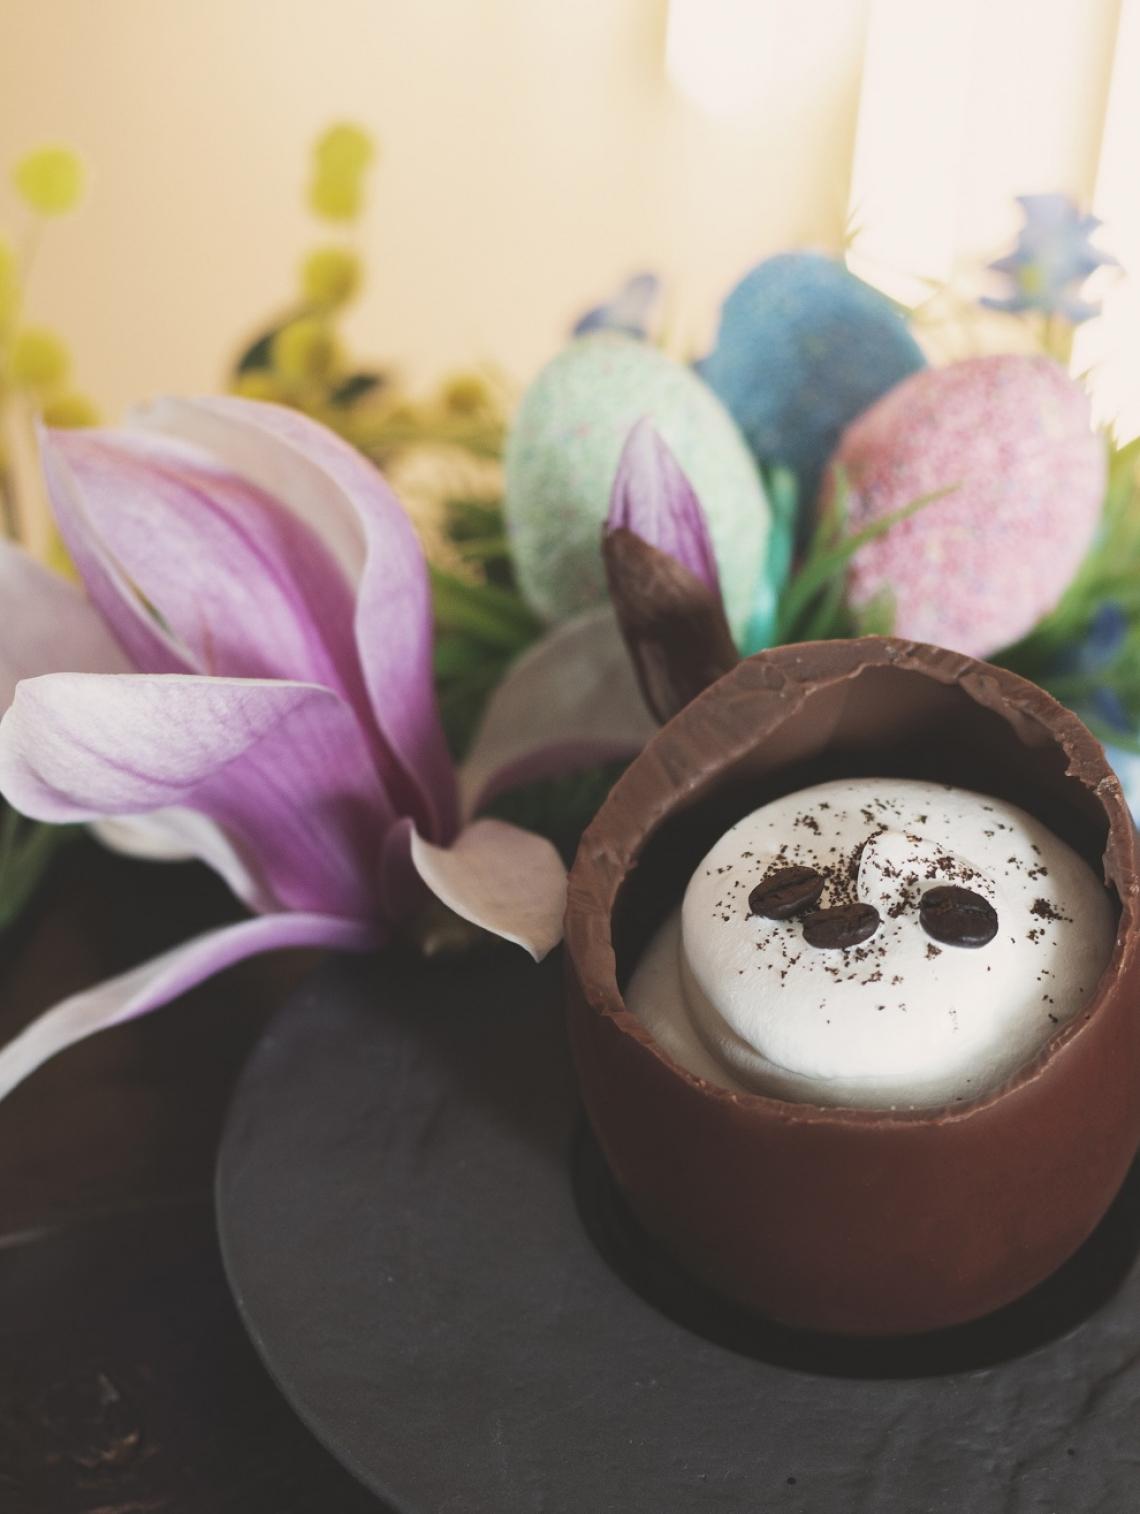 Dall'uovo, anche salato, ai dolcetti: l'espresso è protagonista delle ricette pasquali